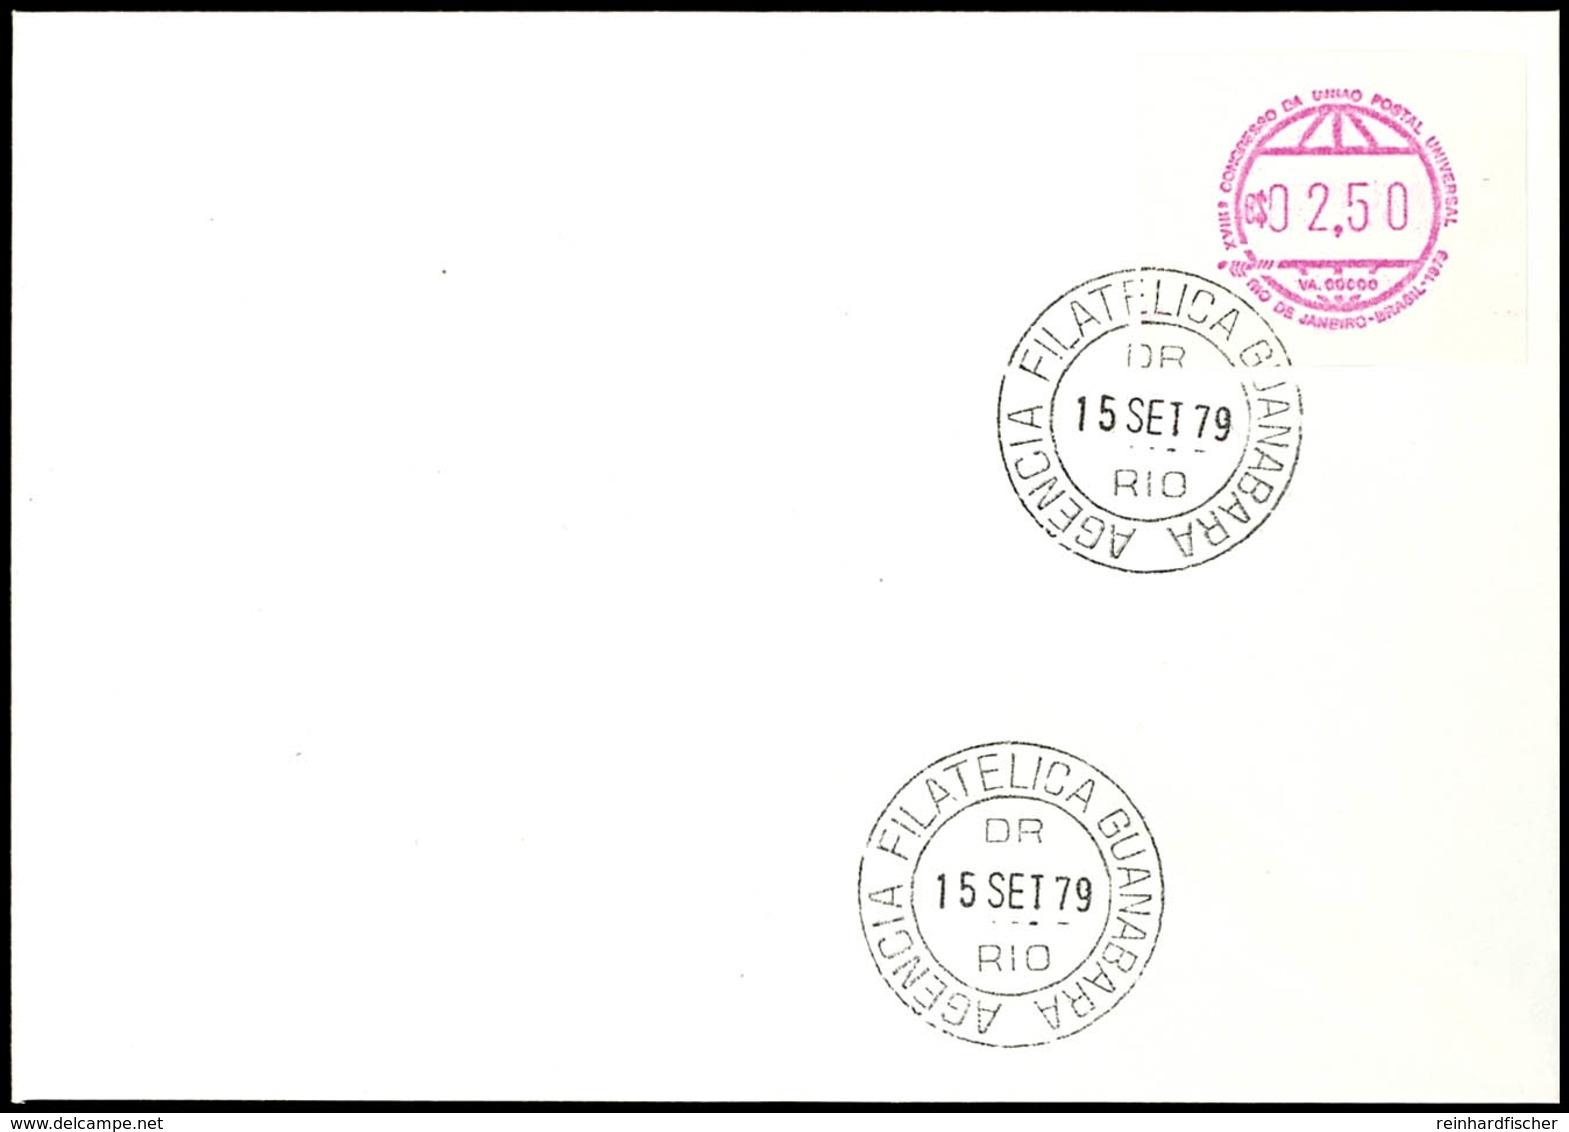 """AUTOMATENMARKEN: 1979, 18. Weltpostkongress, 2,50 Cr Auf Blanko-FDC Mit Ersttagsstempel """"RIO 15 SET 79"""", Tadellos, Nicht - Brasilien"""